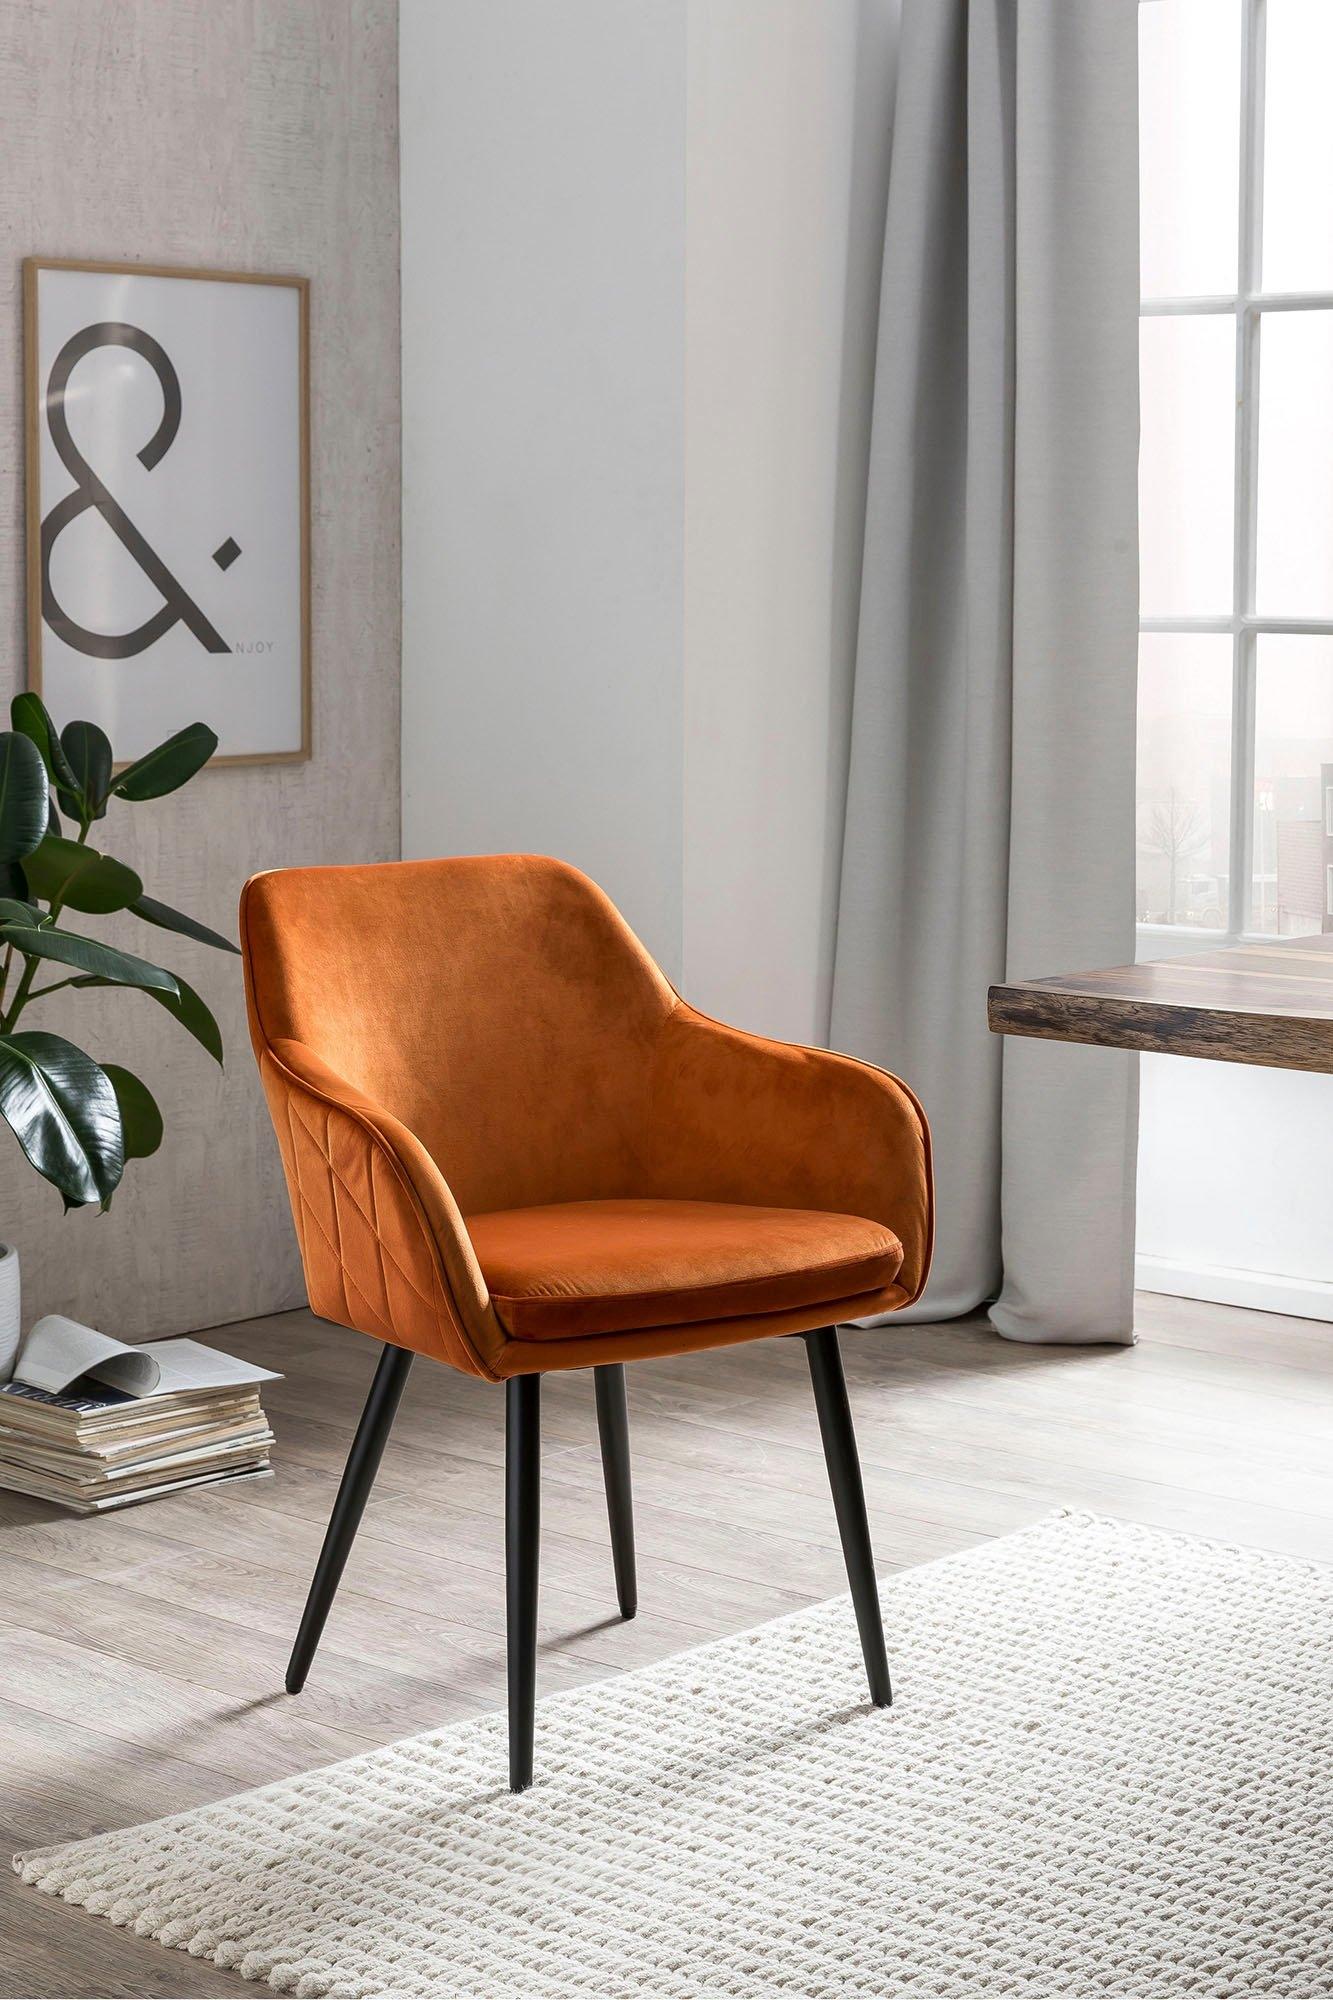 SalesFever eetkamerstoel met diamantvormig stiksel aan de achterkant, stoel met armleuningen, kuipstoel nu online bestellen